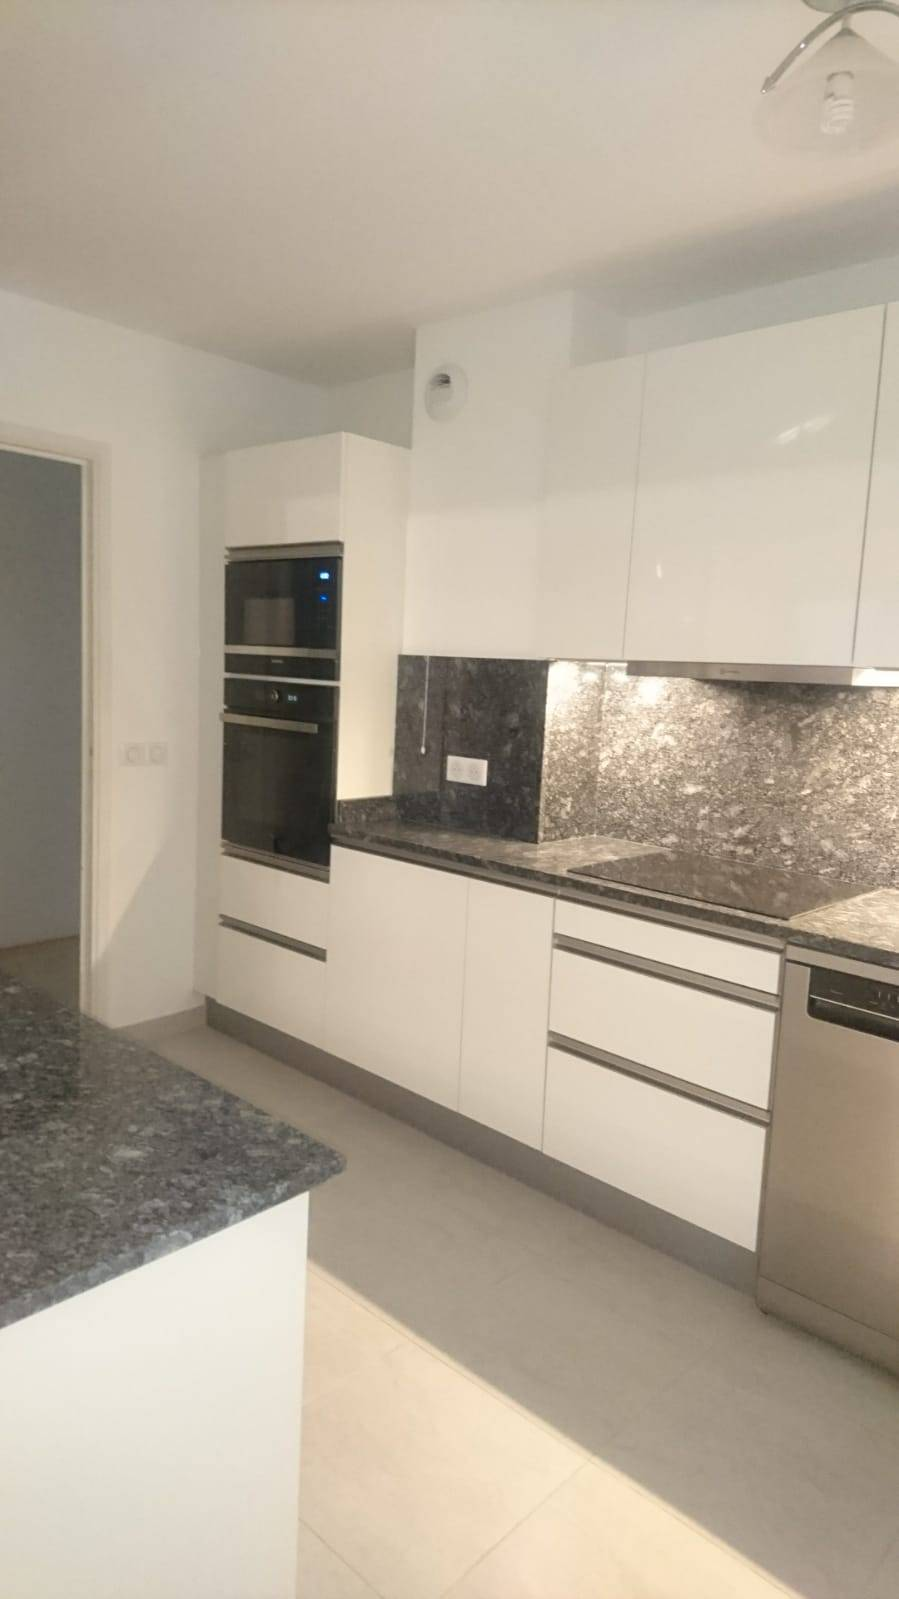 Plan Travail Granit Portugal conception d'une cuisine sur mesure, blanche (thermolaminé